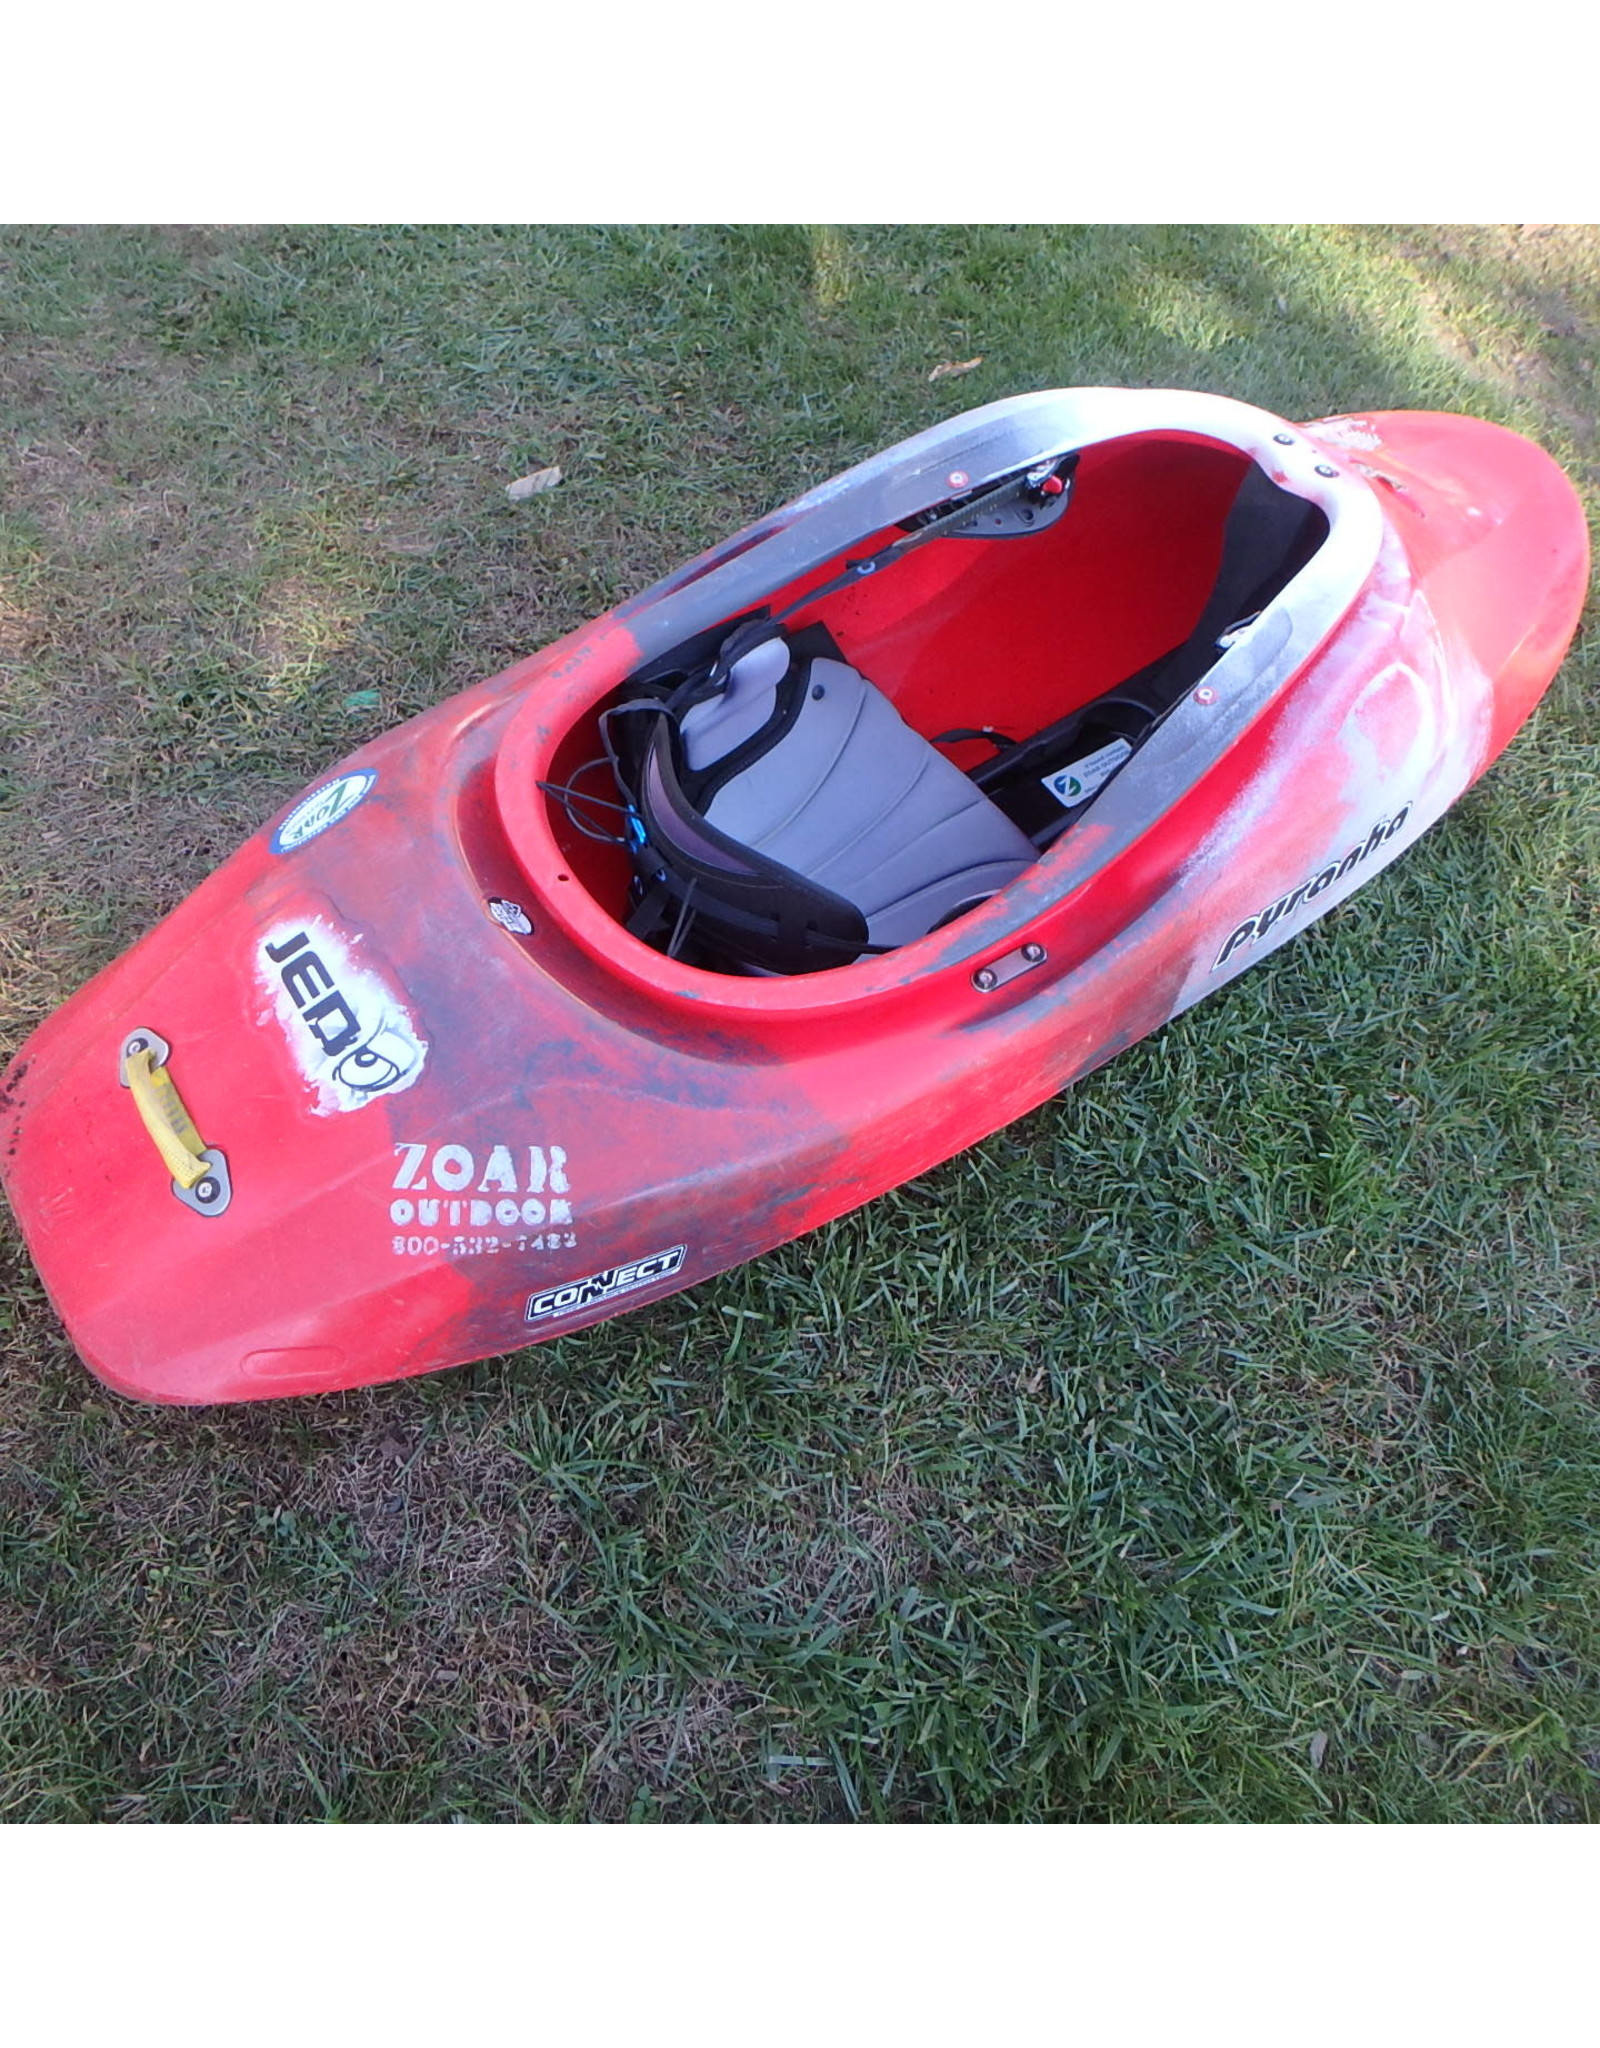 Pyranha JED Kayak - Demo Red/White/Black